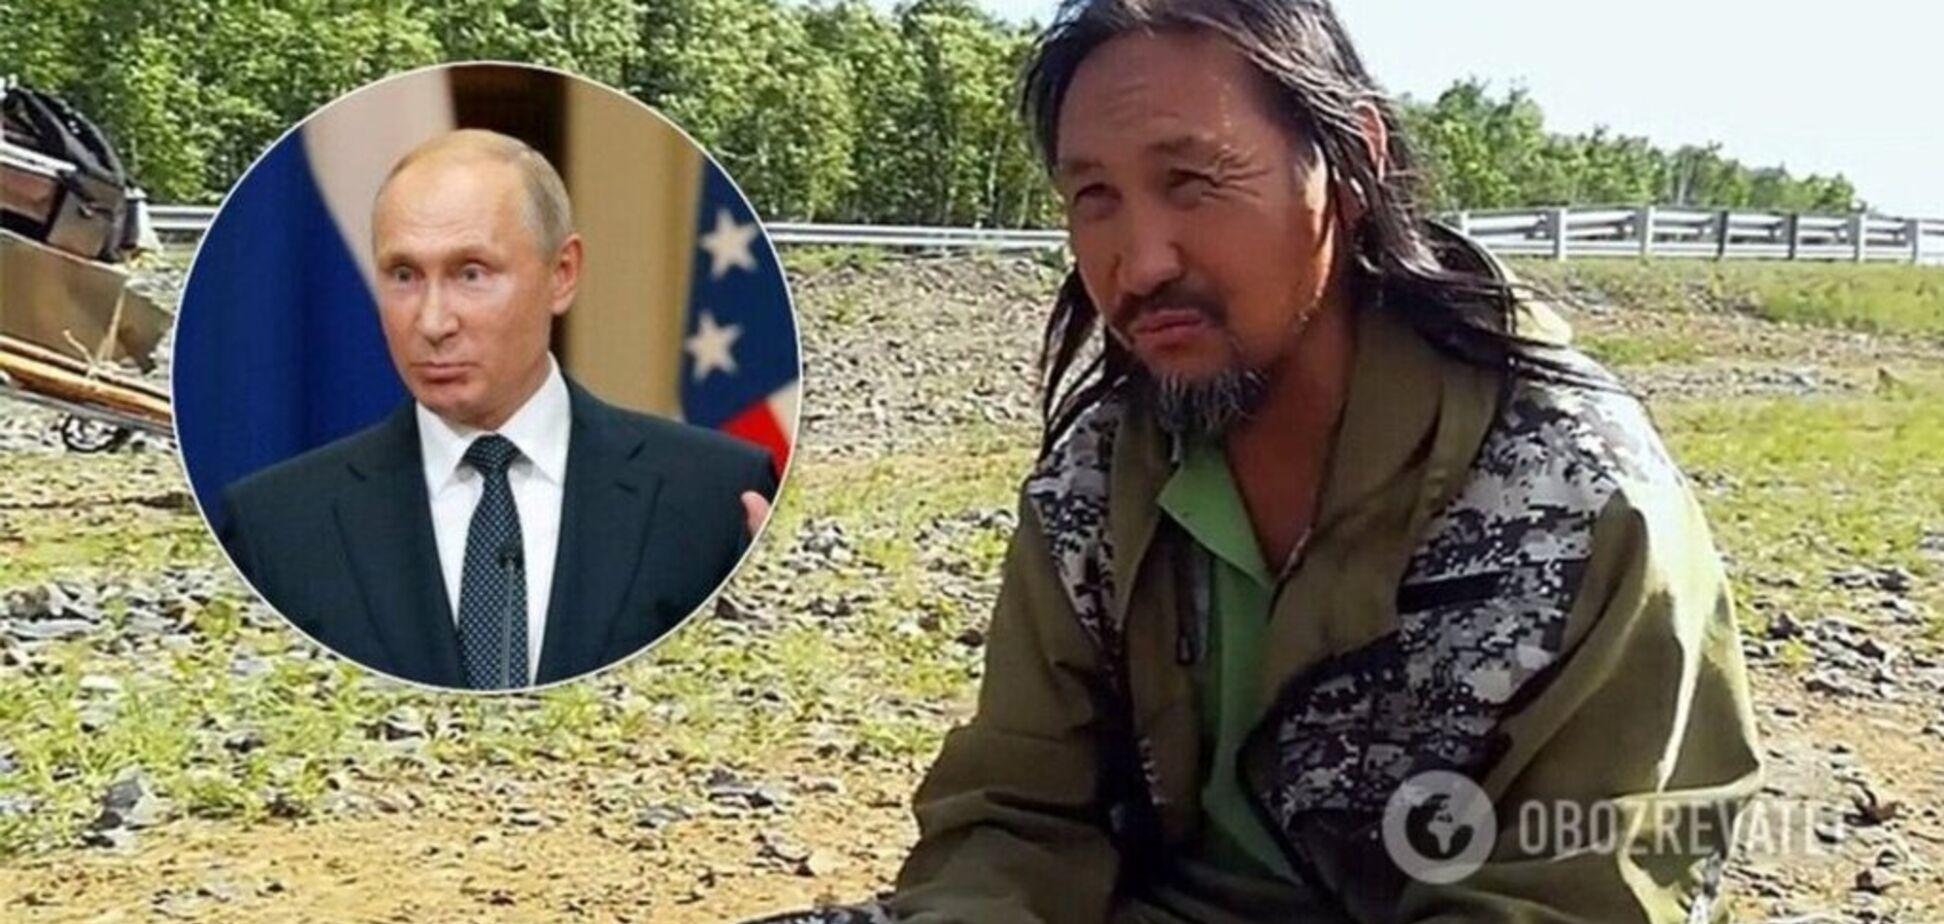 Путин грозится ракетами, но до ужаса боится шамана из Якутска